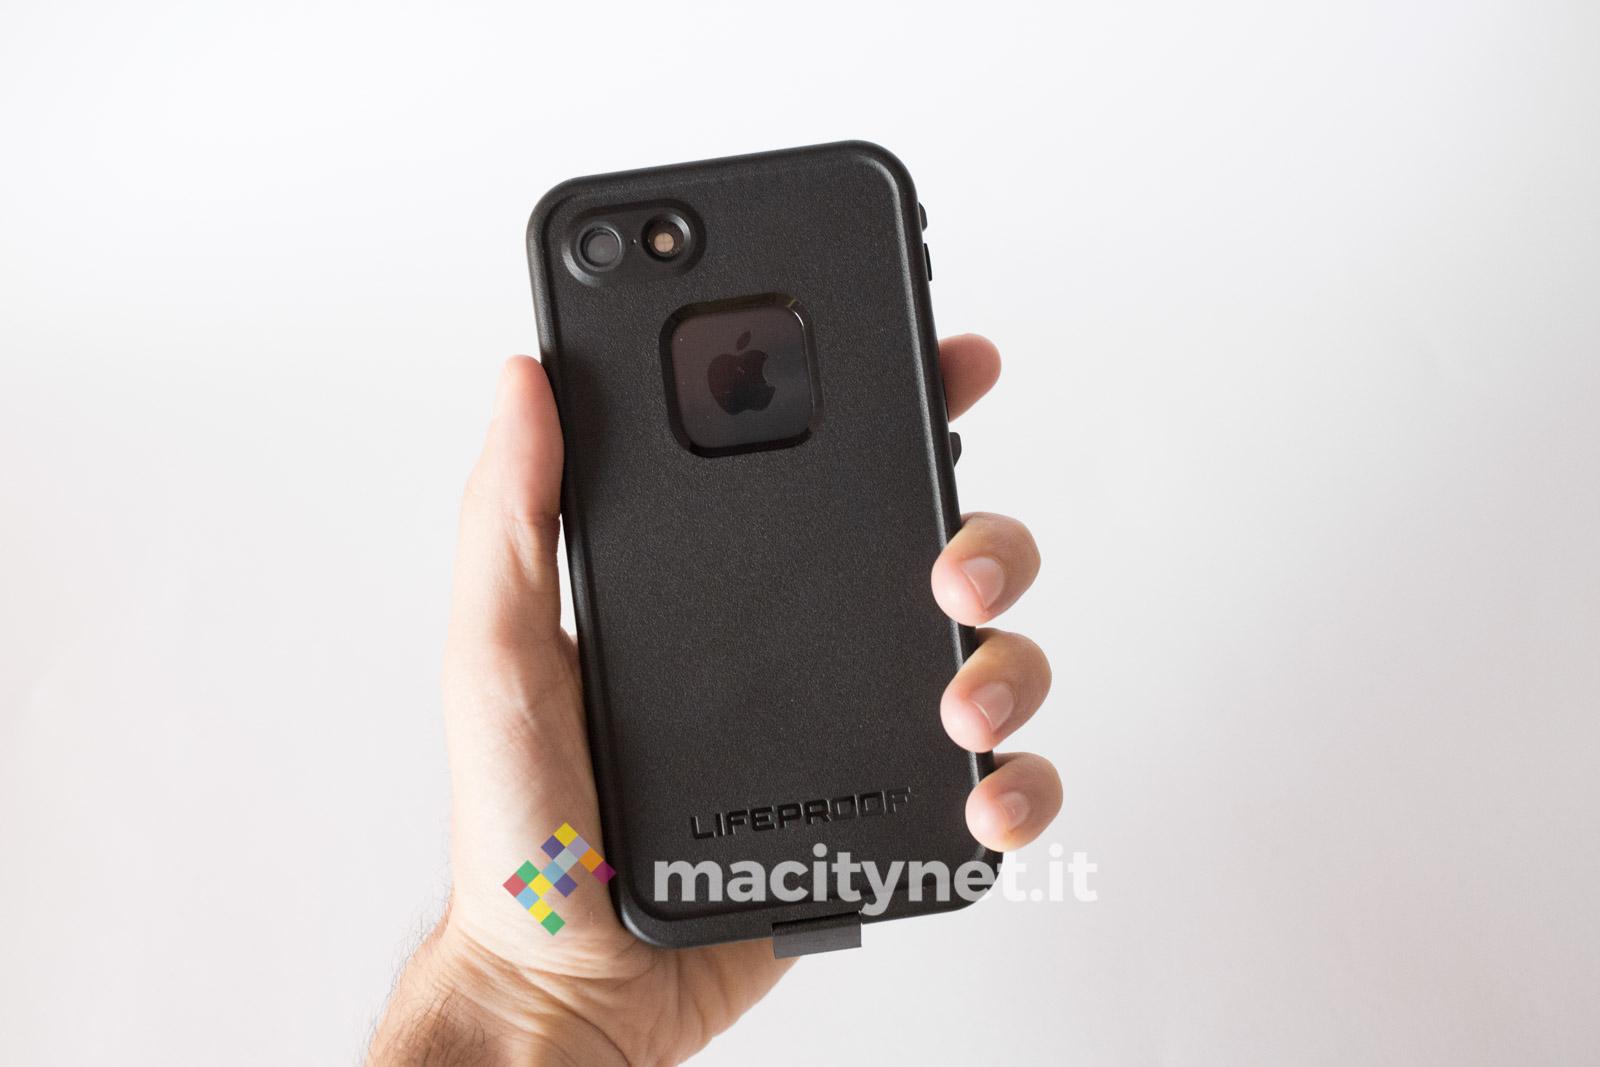 custodia iphone 7 recensione